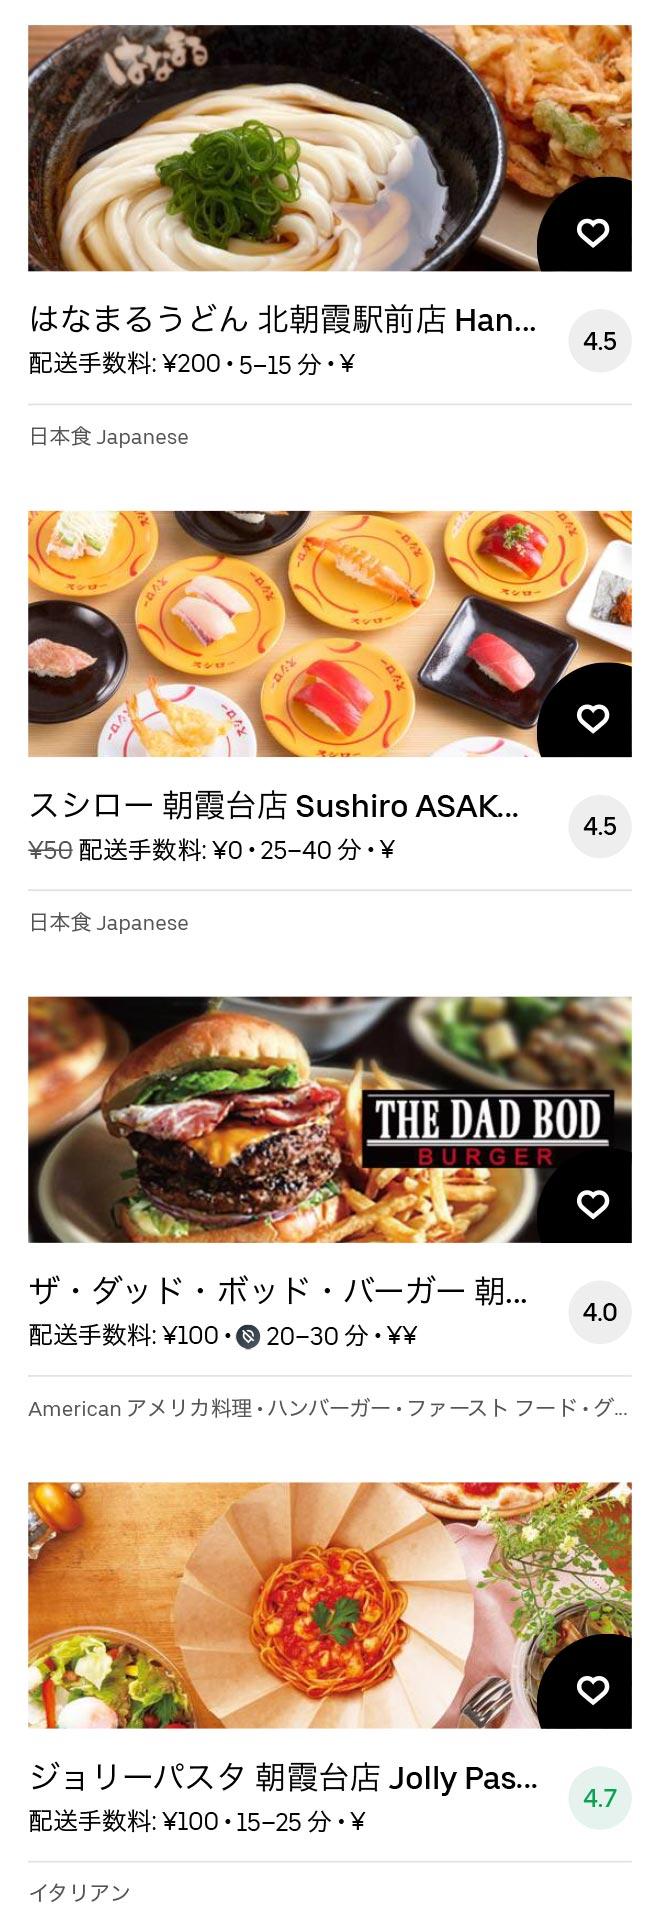 Asakadai menu 2011 04